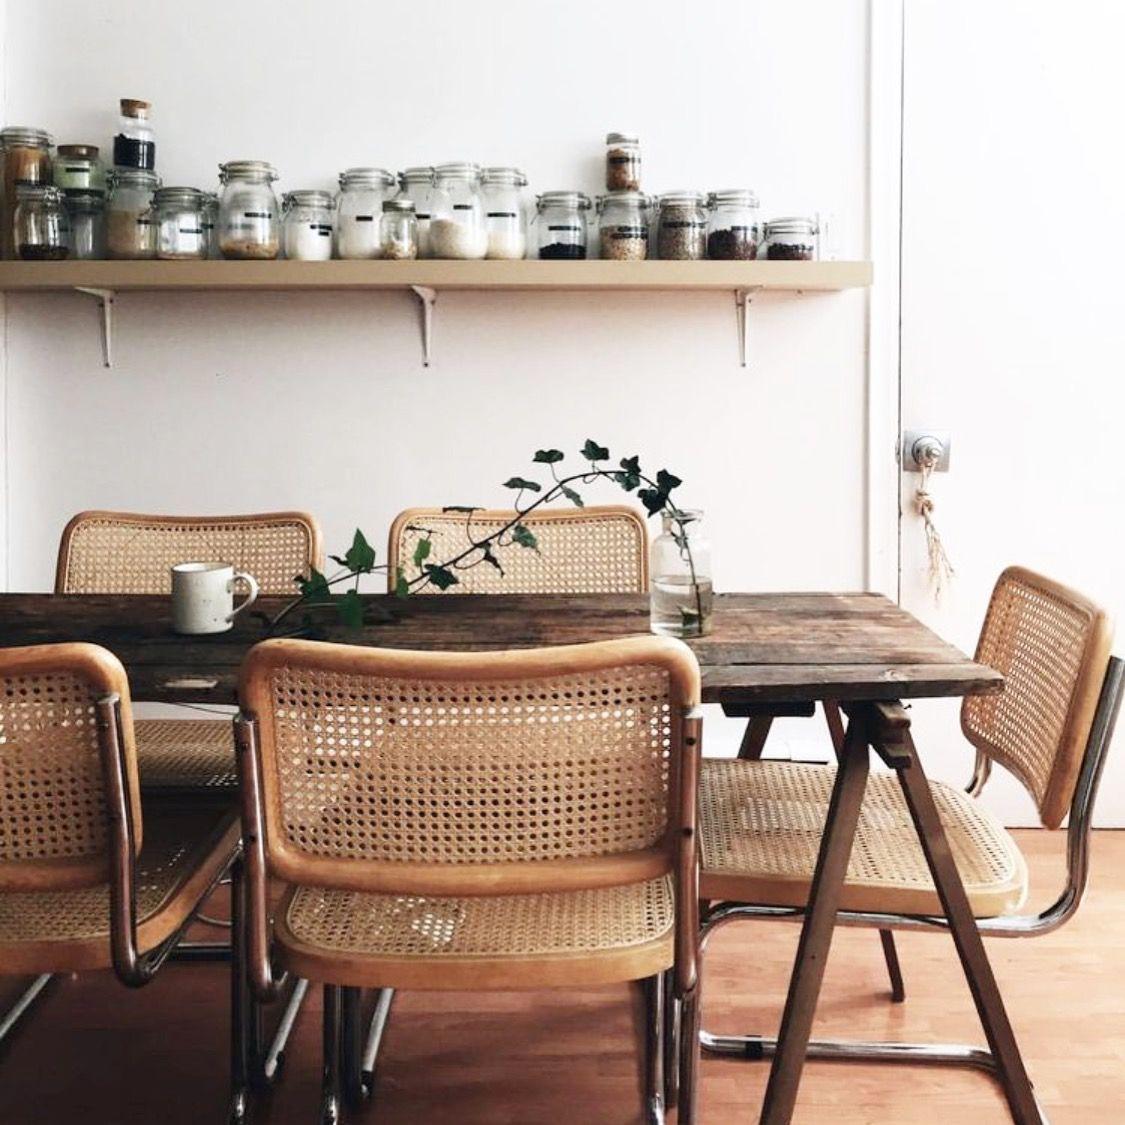 Suite De Quatre Chaises Cesca B32 De Marcel Breuer Annees 80 Bois De Hetre Massif Et Structure En Contemporary Home Furniture Vintage Dining Room Classy Rooms